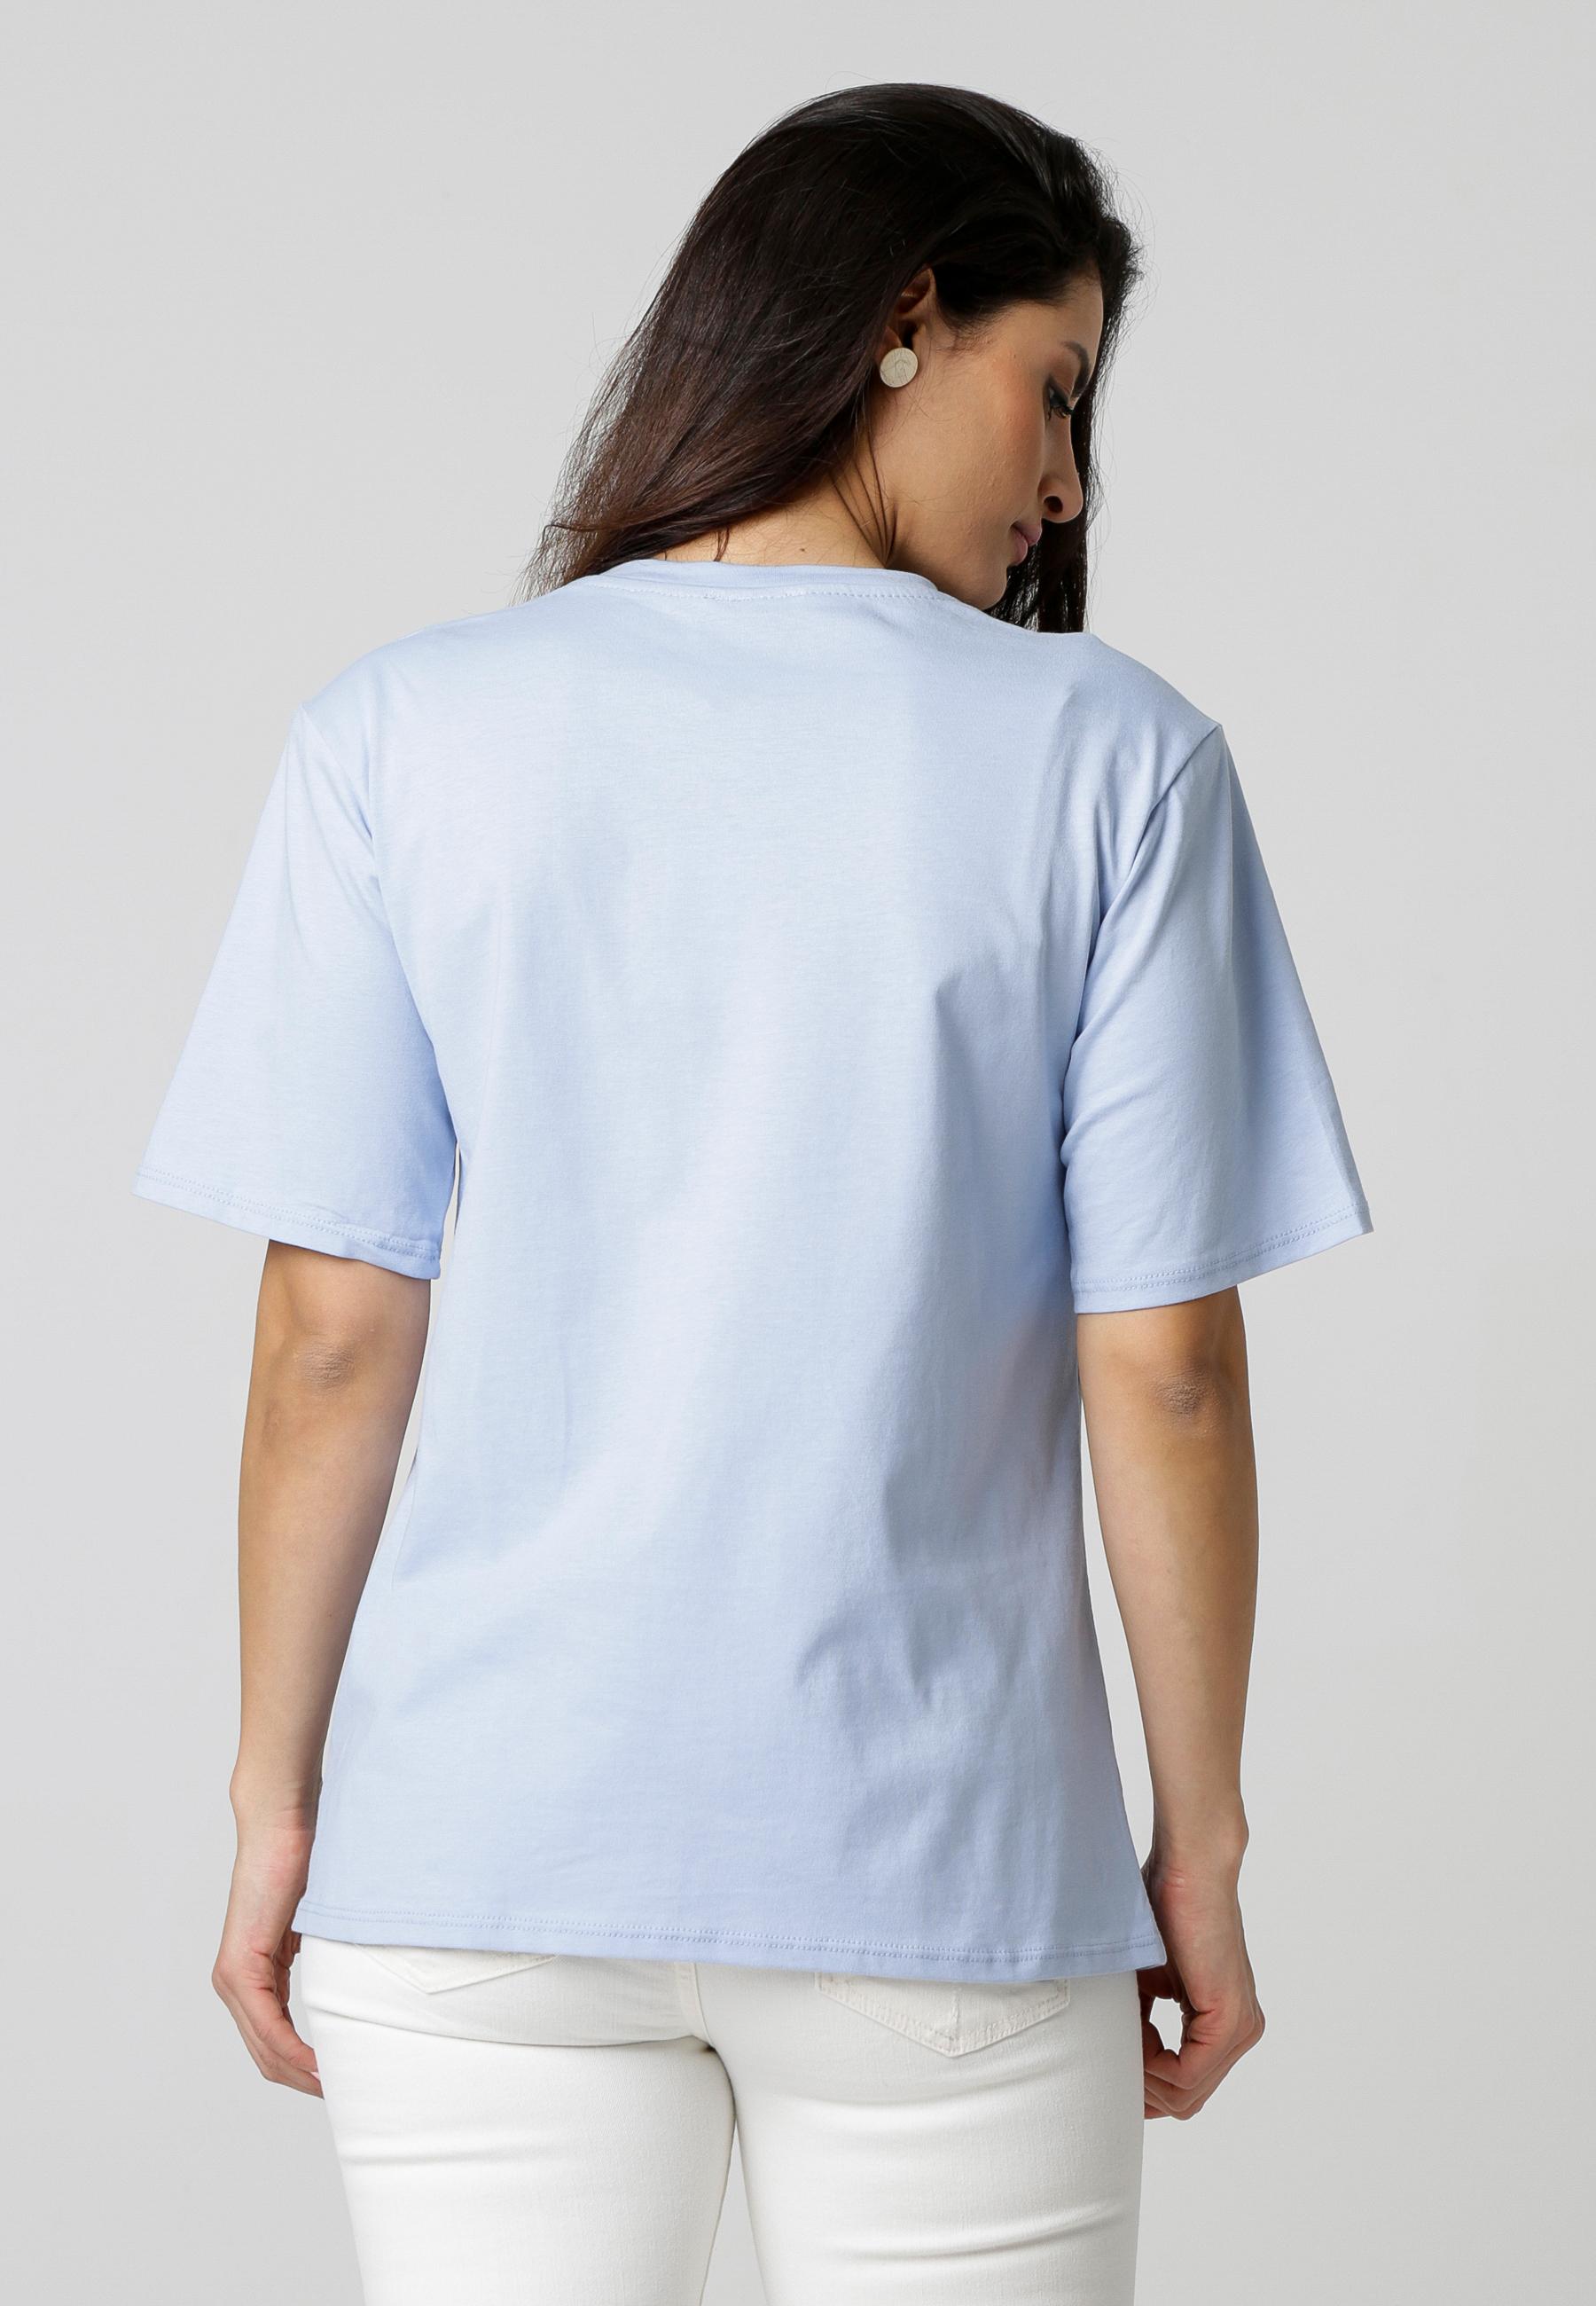 MiaZAYA Shirt Polster